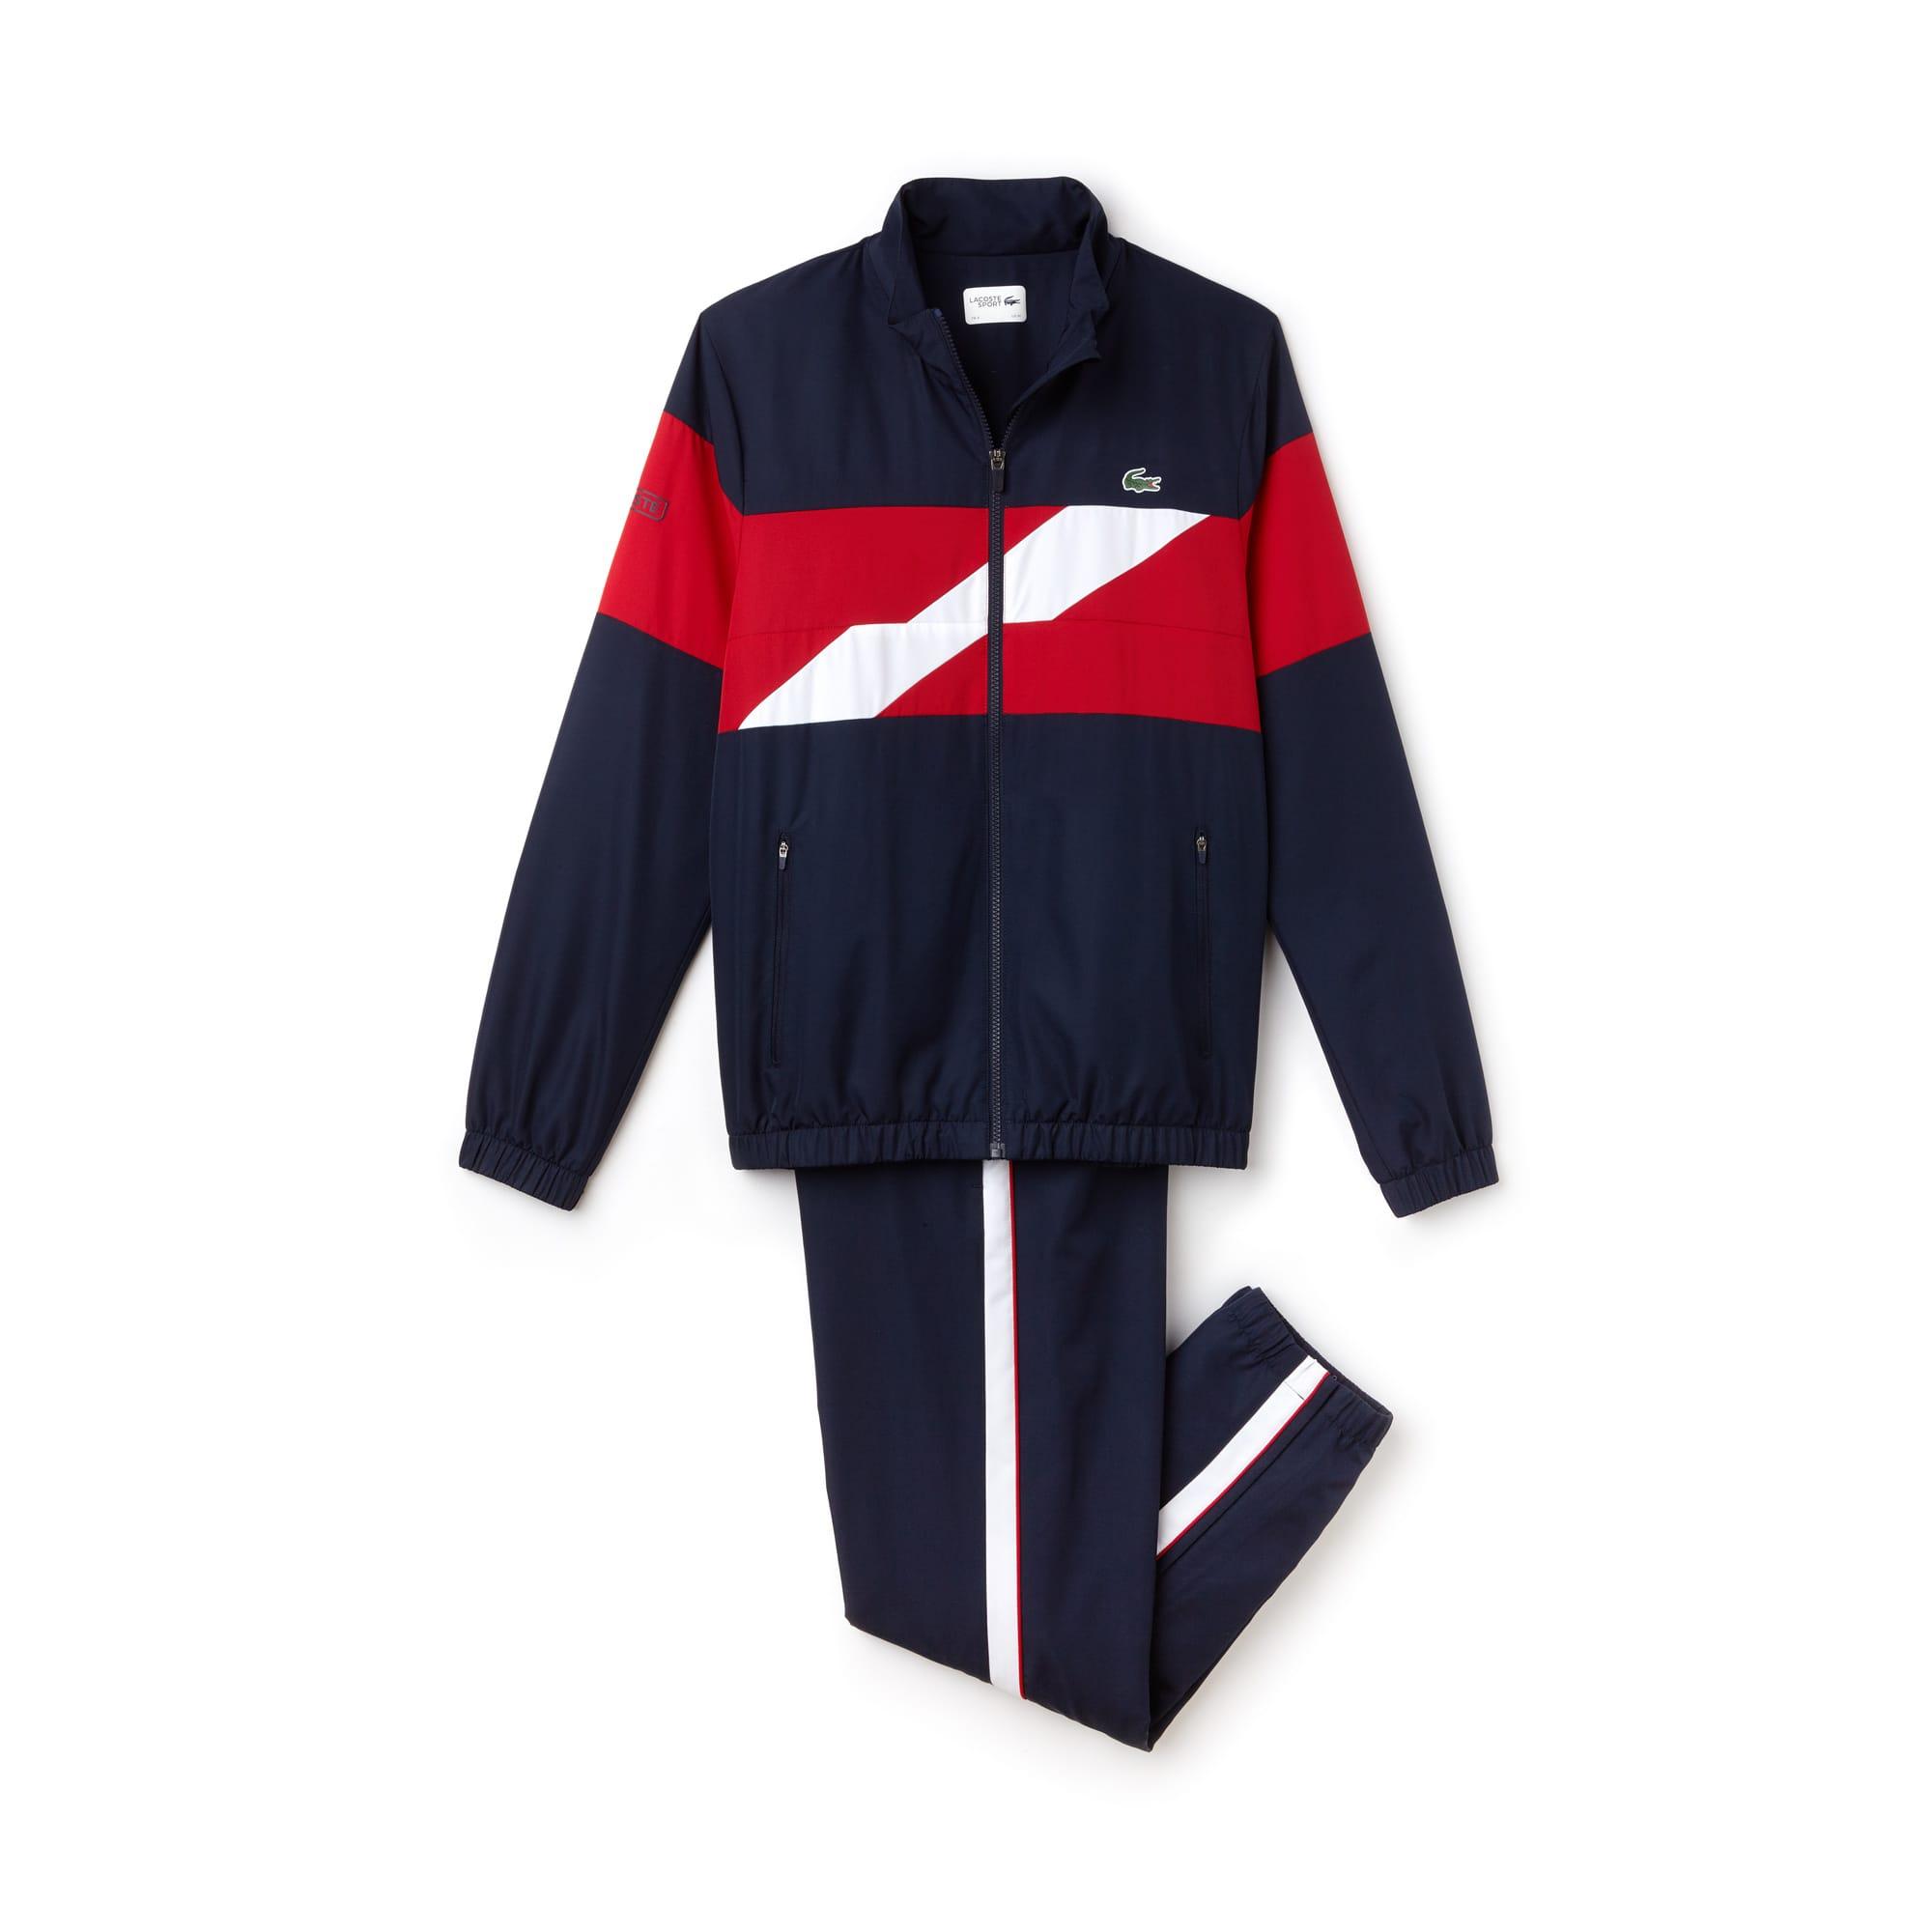 Herren LACOSTE SPORT Taft Trainingsanzug mit farbigen Streifen